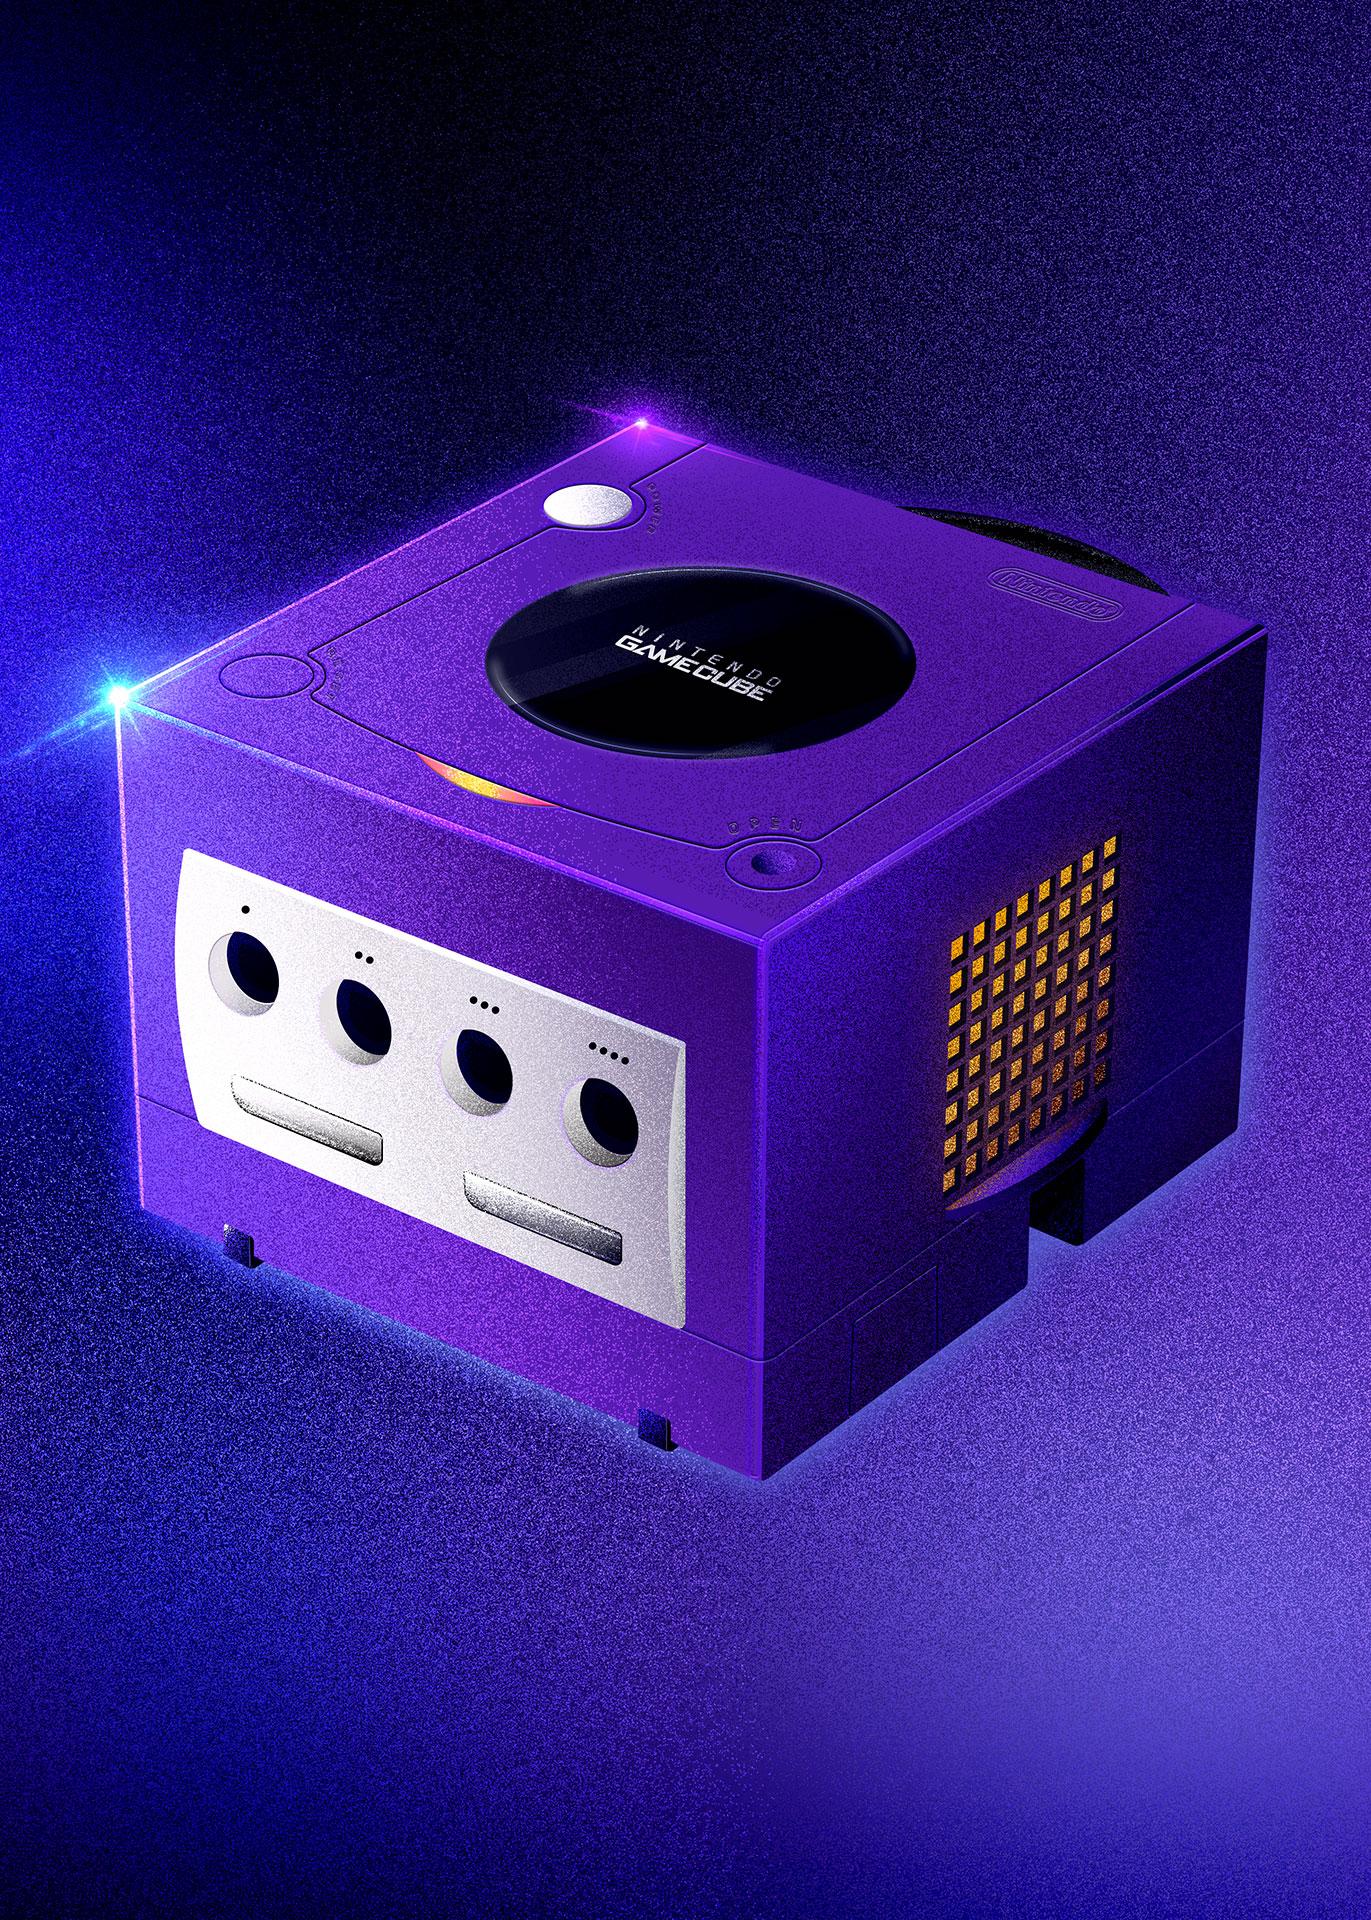 Gamecube-